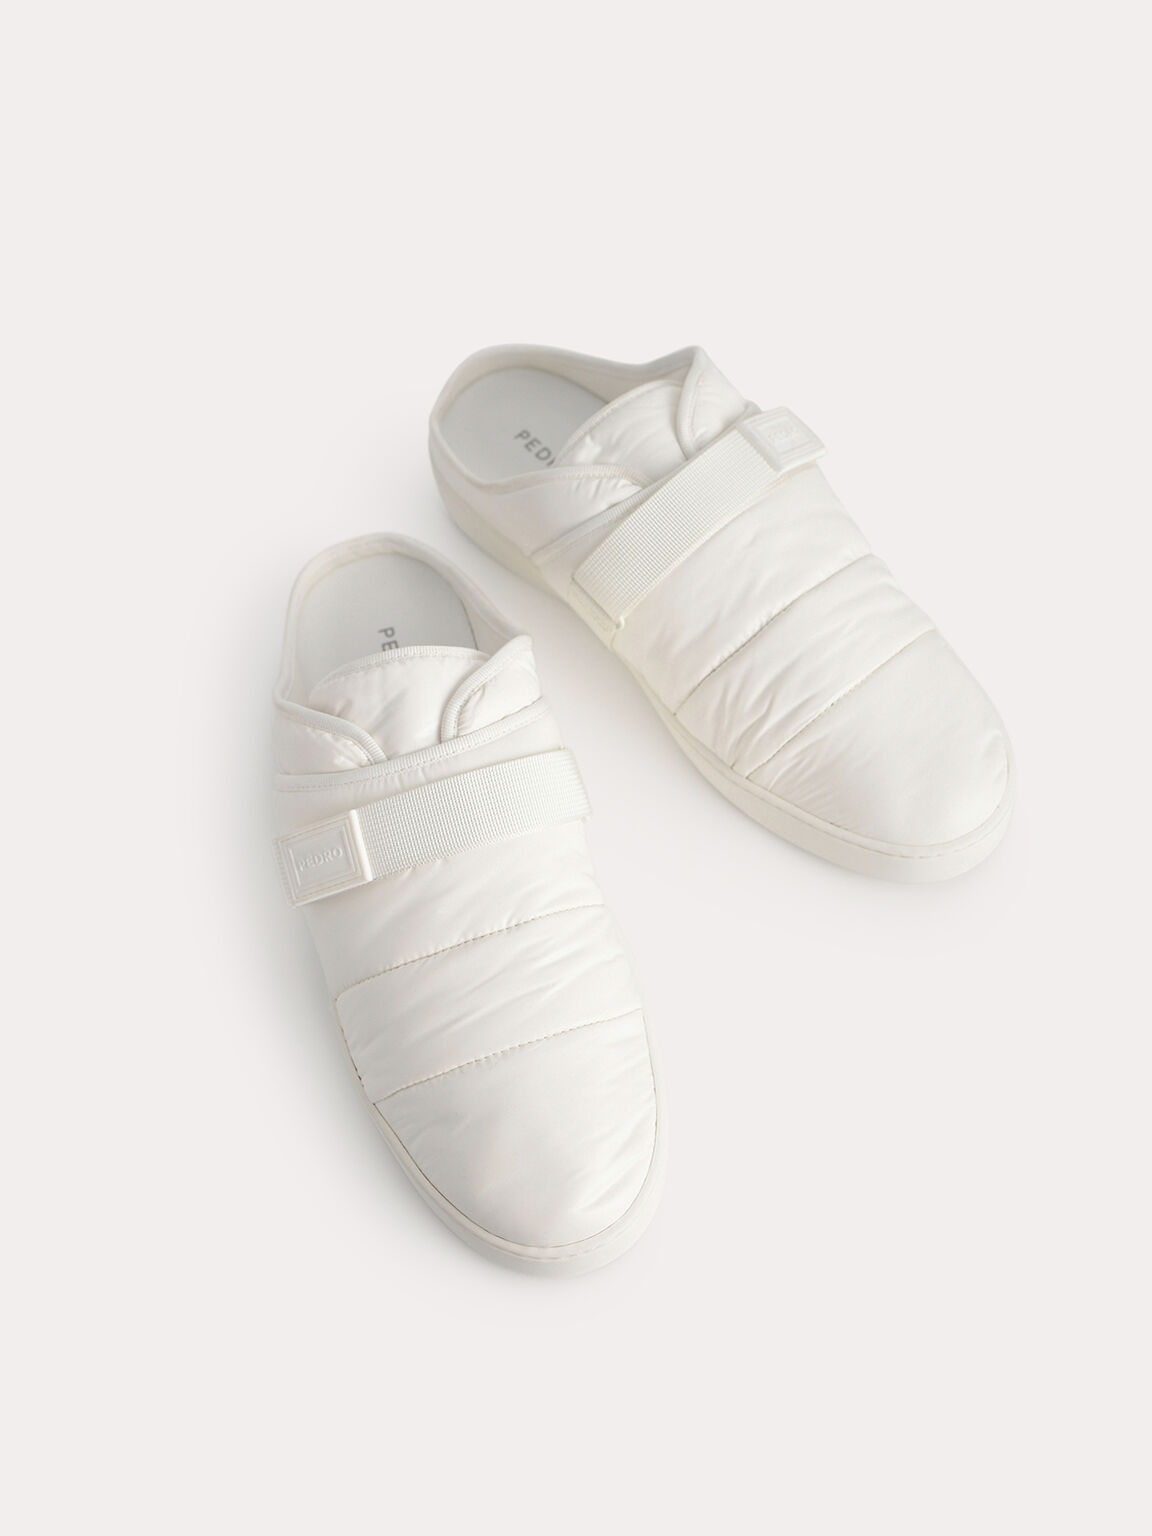 Padded Slip On Sneakers, White, hi-res